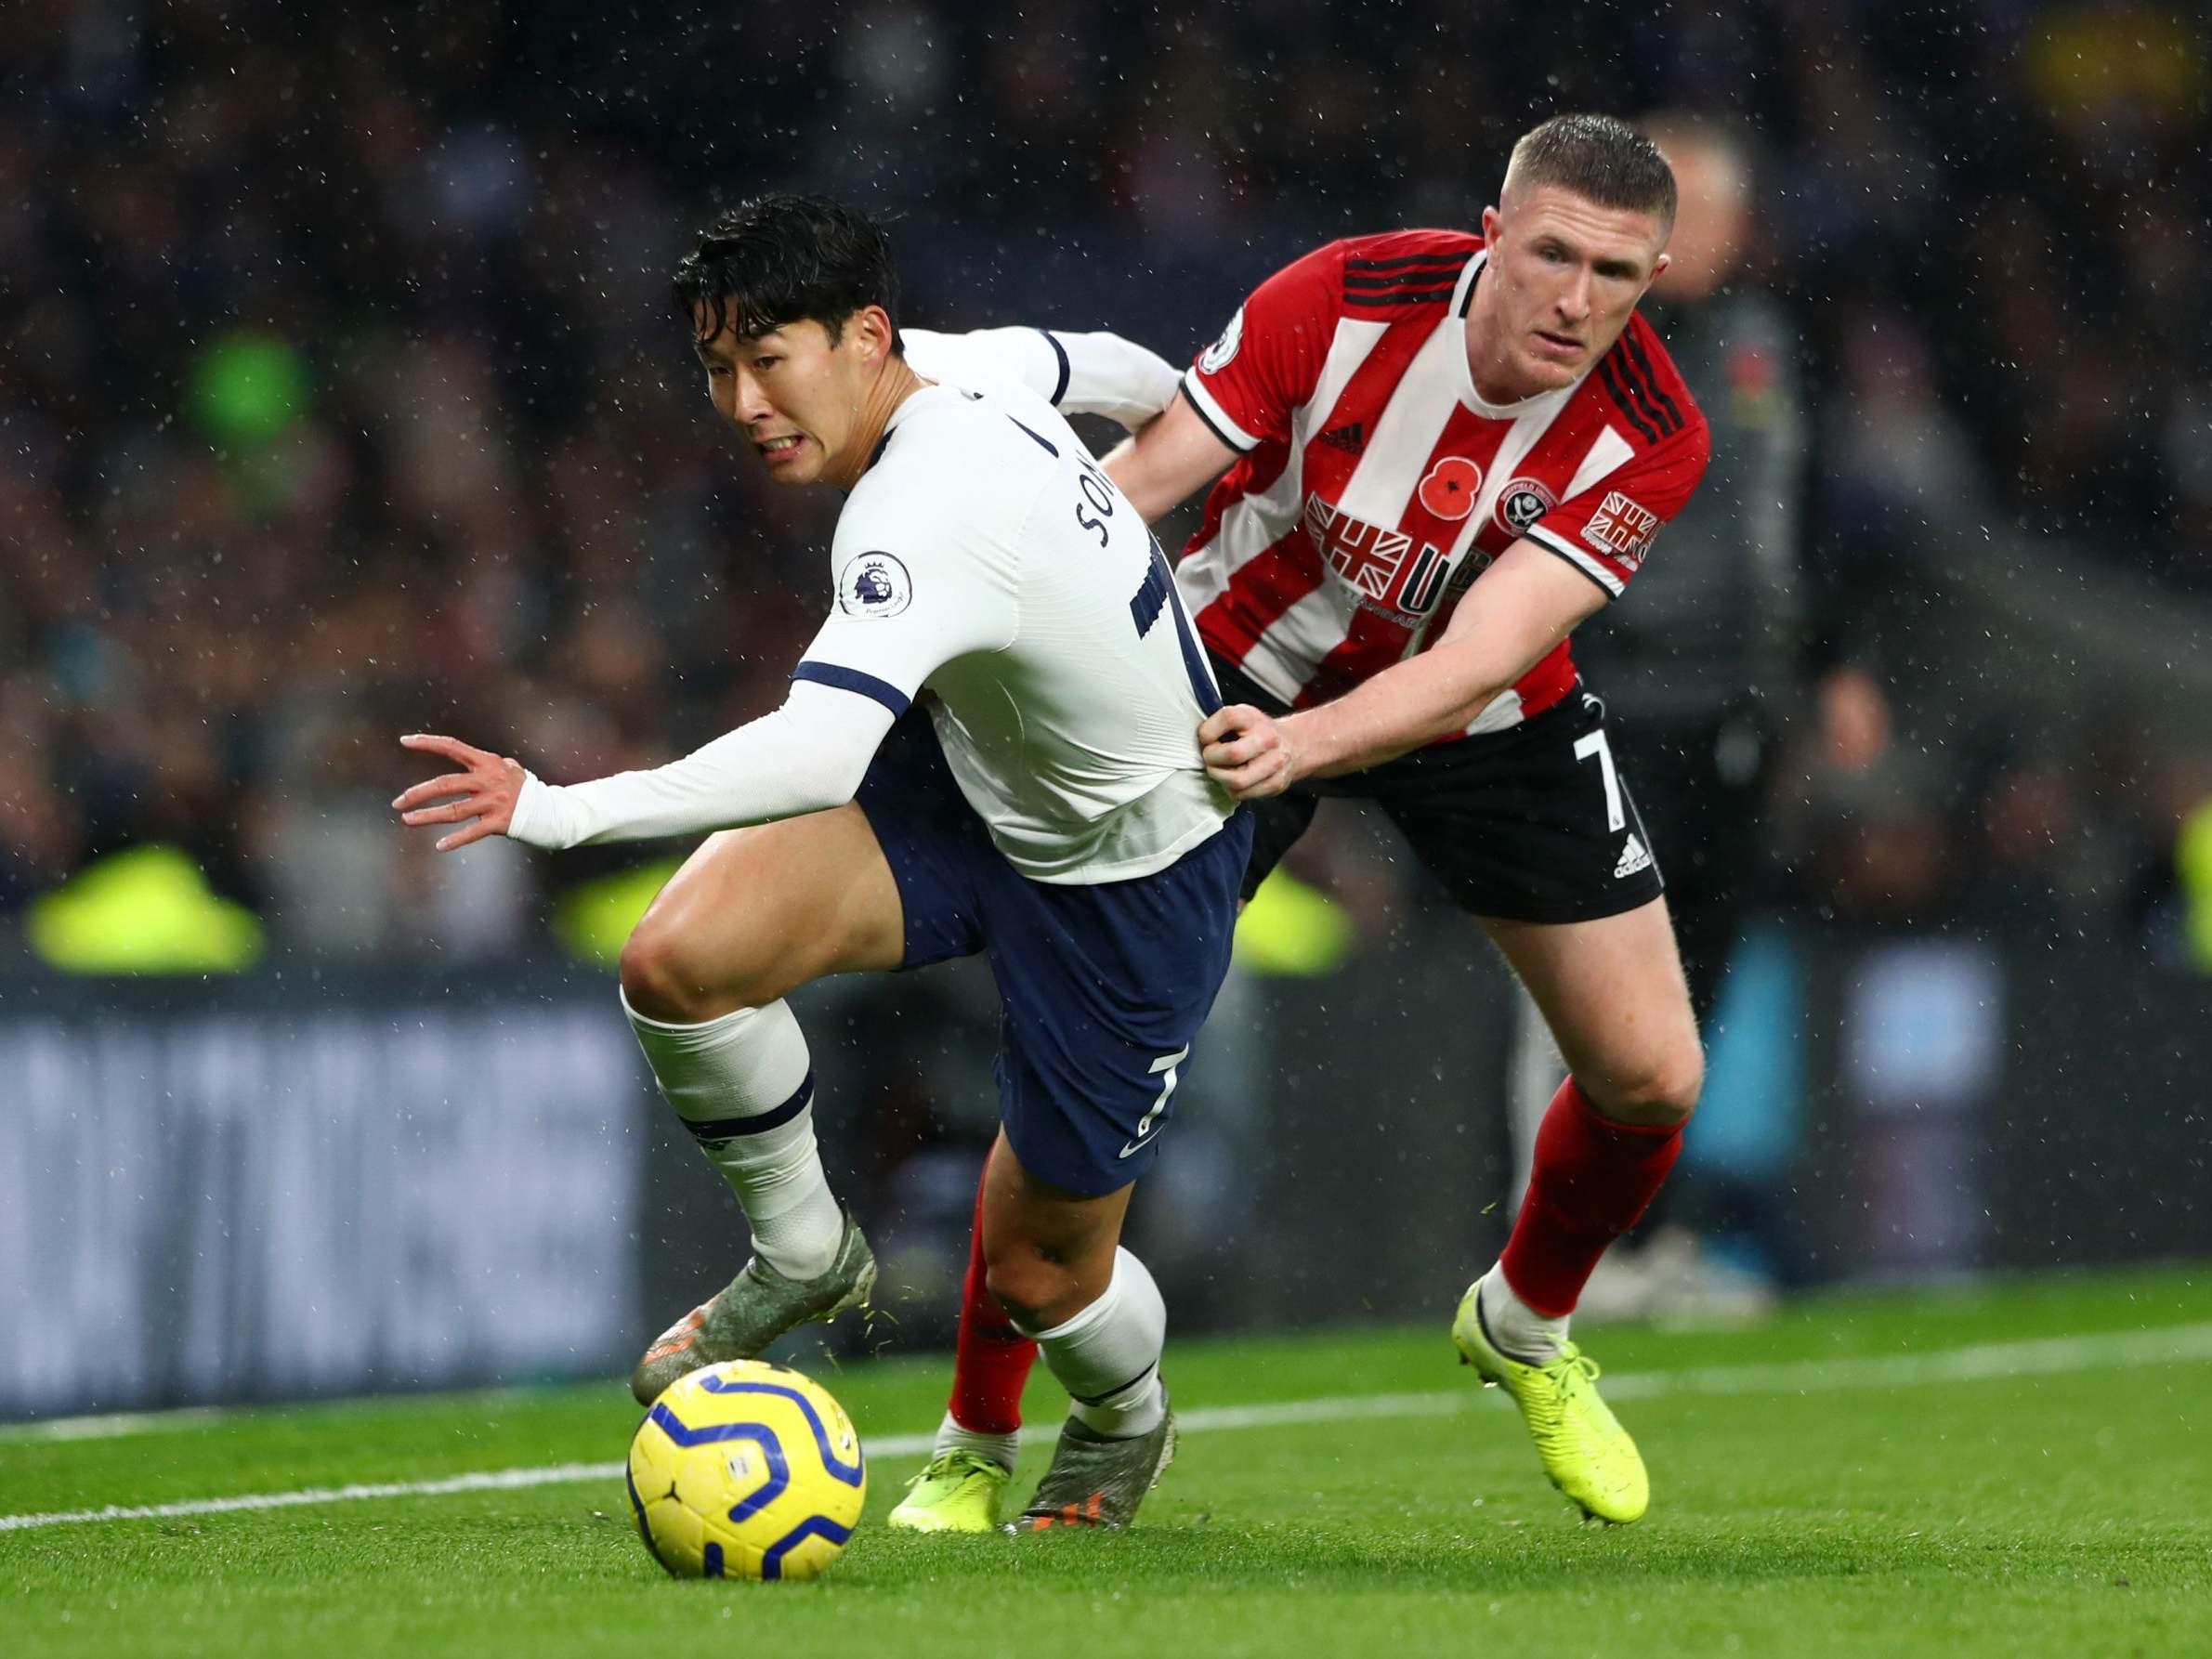 Tottenham vs Sheff Utd LIVE: Latest Premier League updates